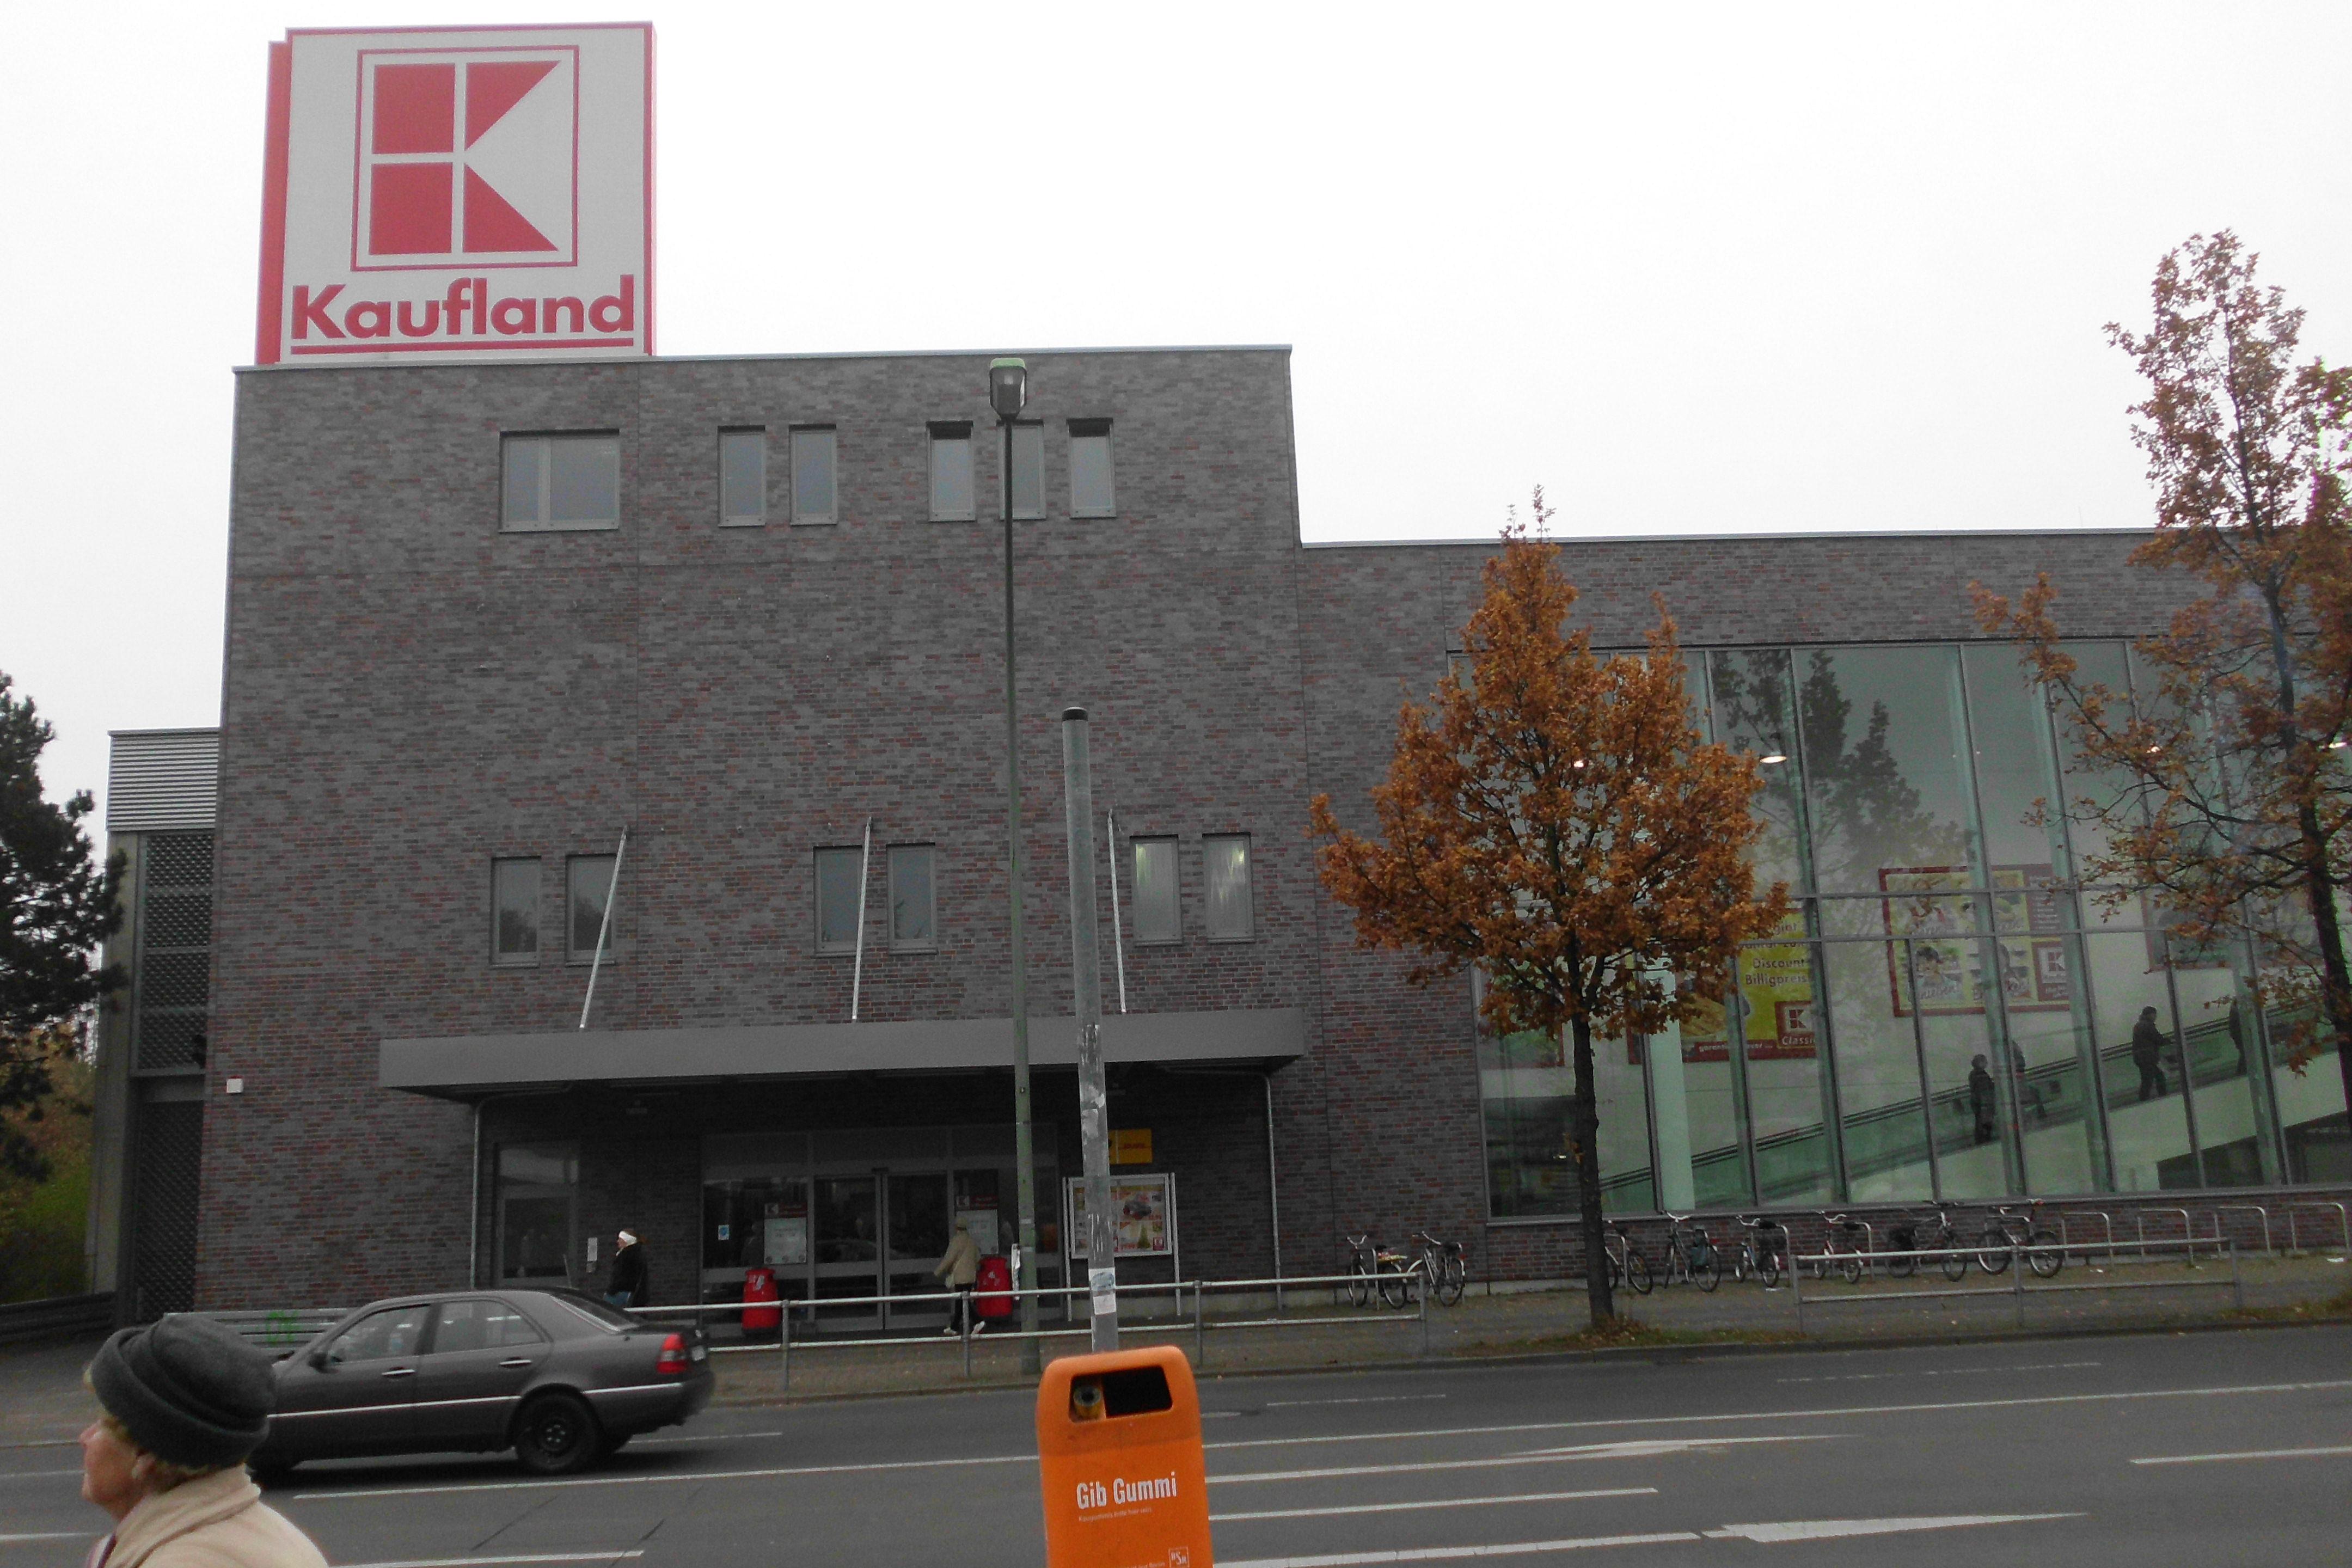 Kaufland 12359 Berlin-Britz Öffnungszeiten | Adresse | Telefon